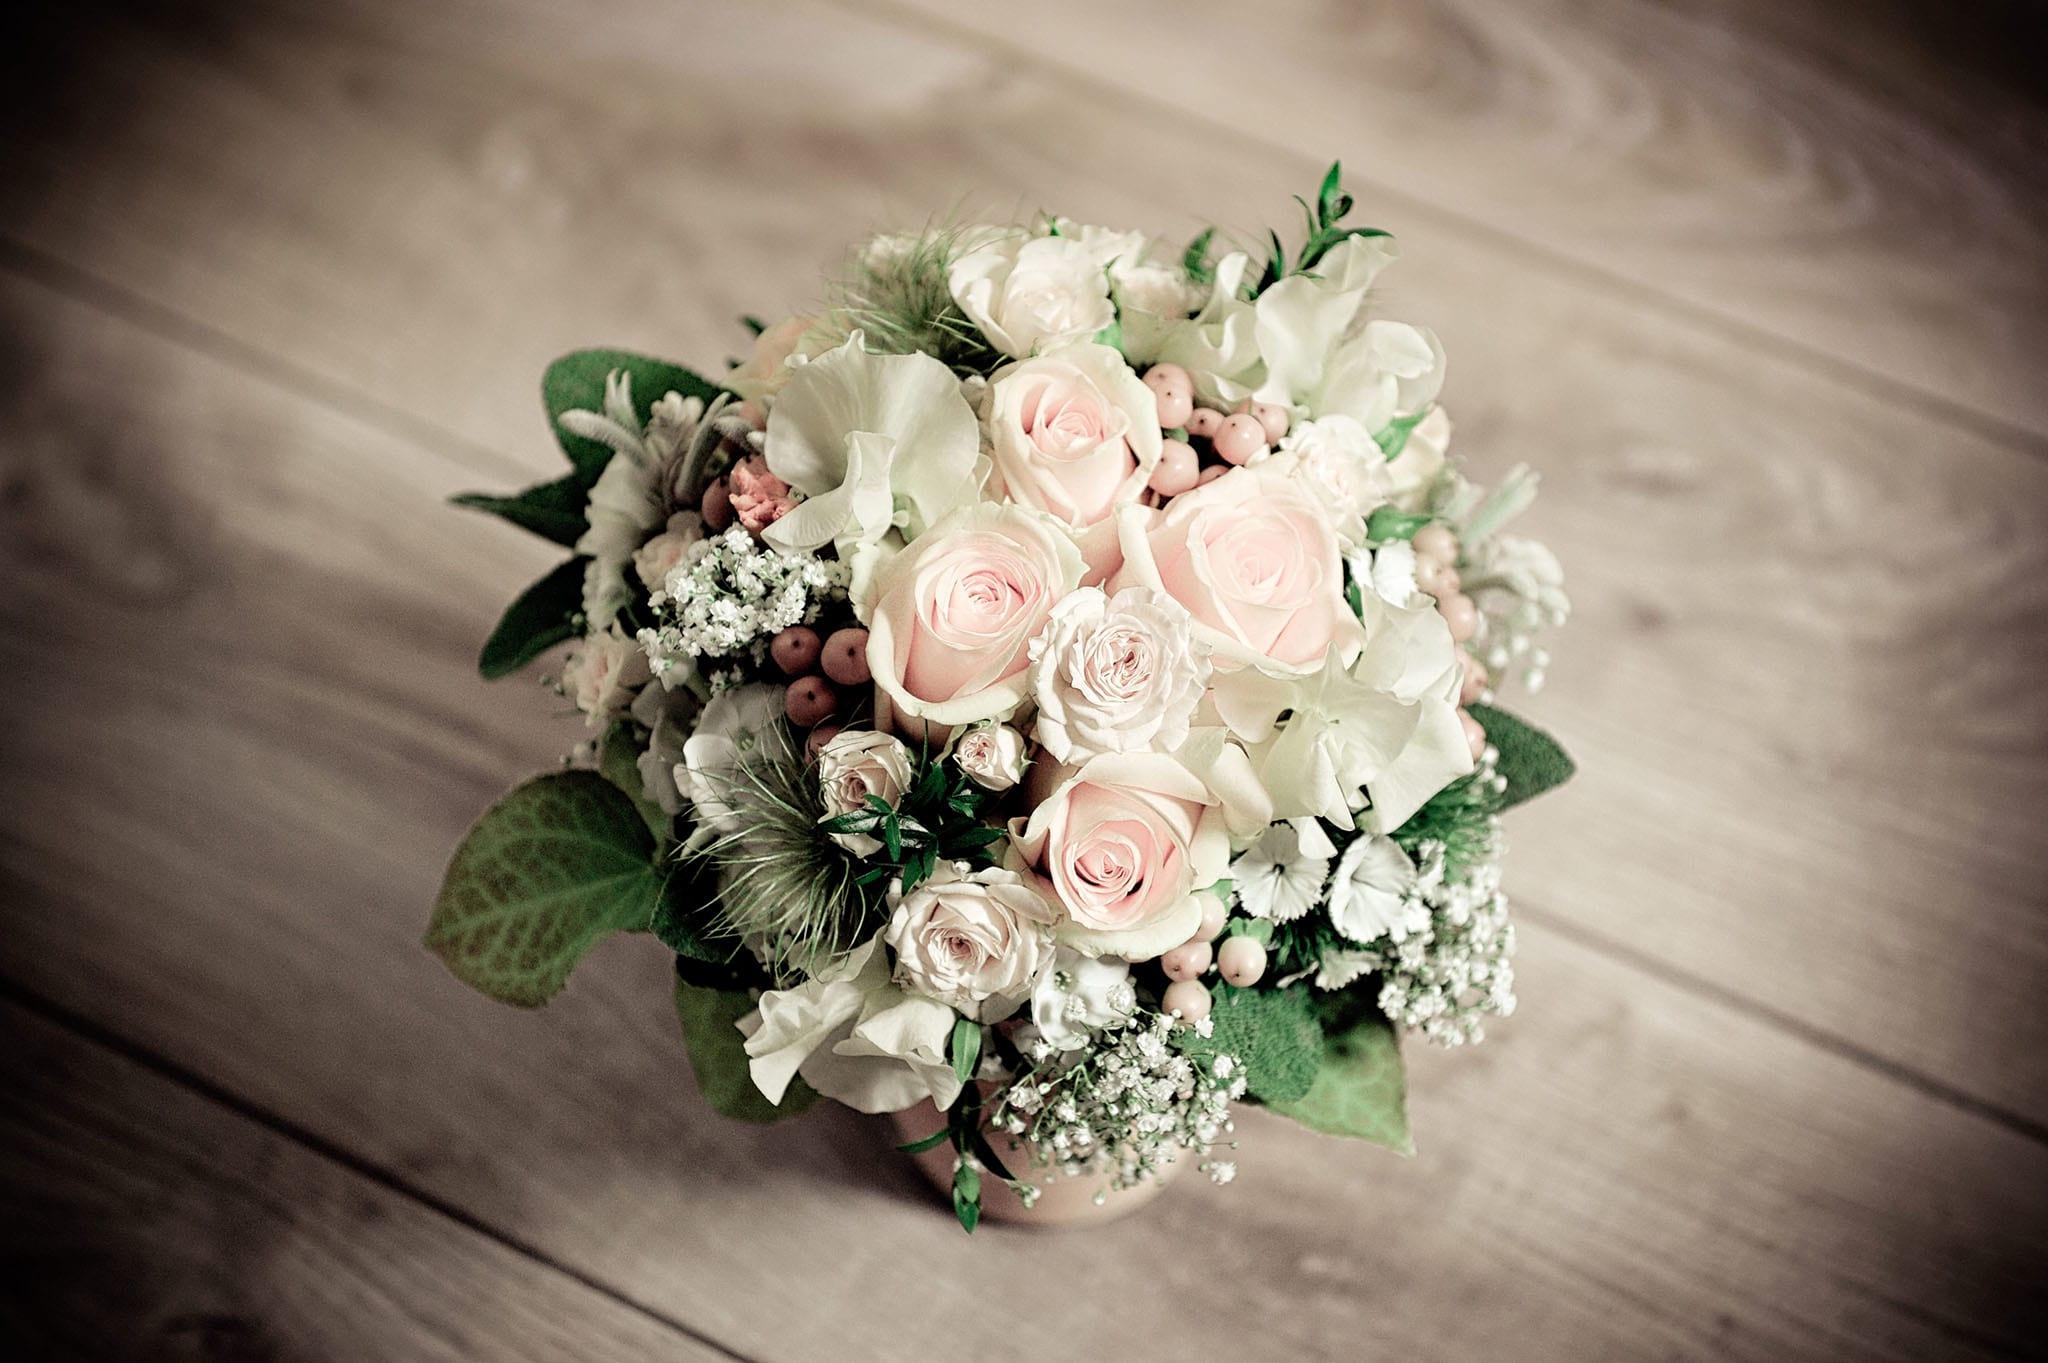 Hochzeit 044 Hochzeit heiraten Brautstrauß Hochzeitsfoto Hochzeitsfotografie Daniel Fuss Fotografie